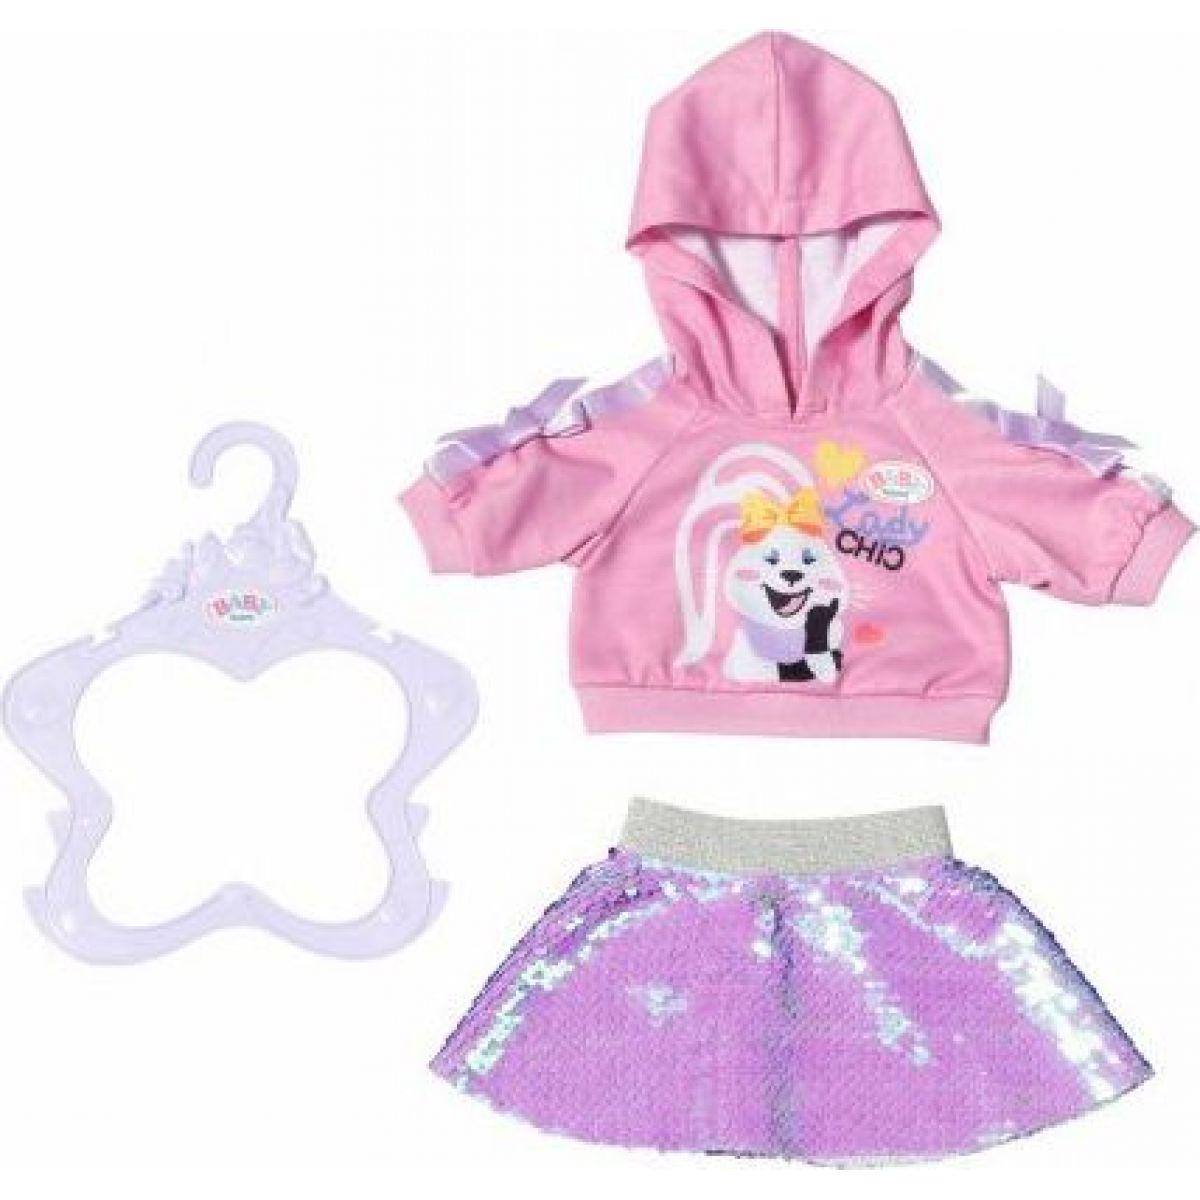 Zapf Creation Baby born Staršie sestrička Módne oblečenie 43 cm mikina a sukne